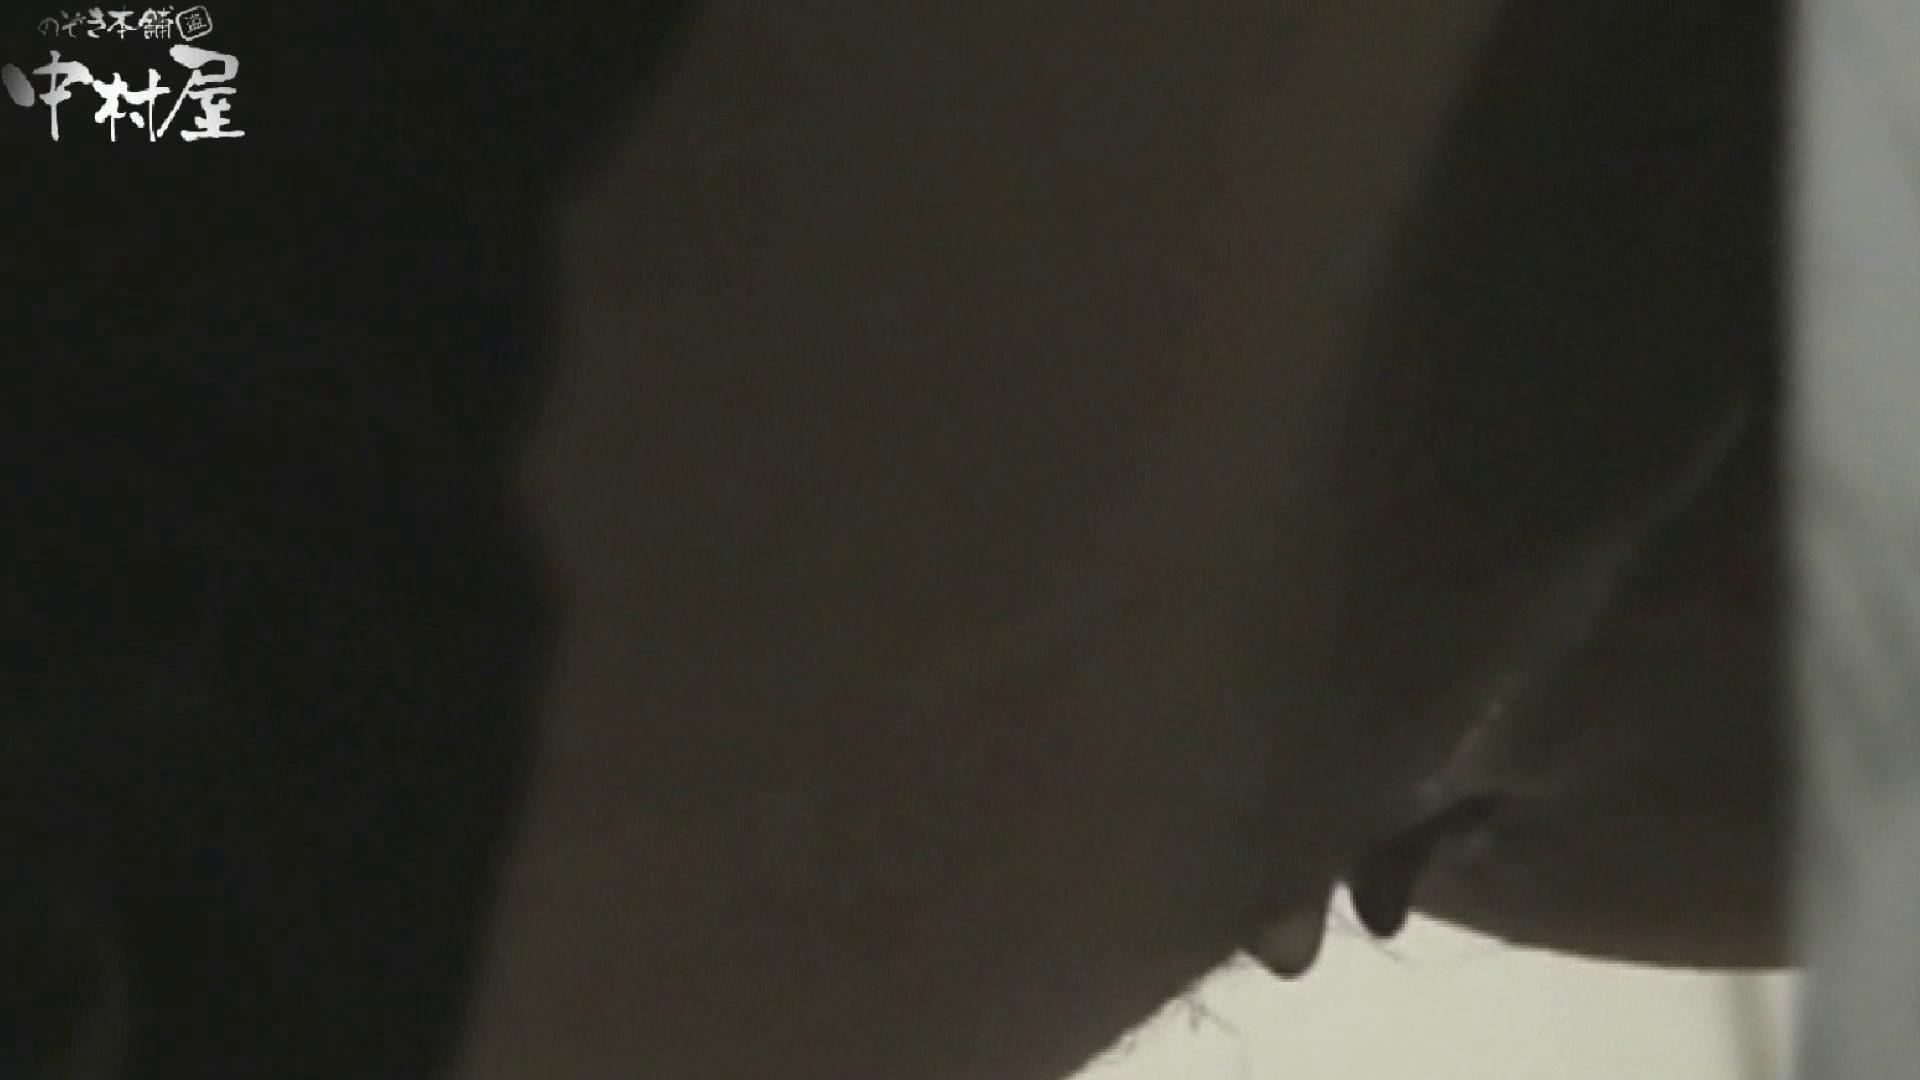 解禁!海の家4カメ洗面所vol.19 OLのエロ生活 | 人気シリーズ  105連発 69